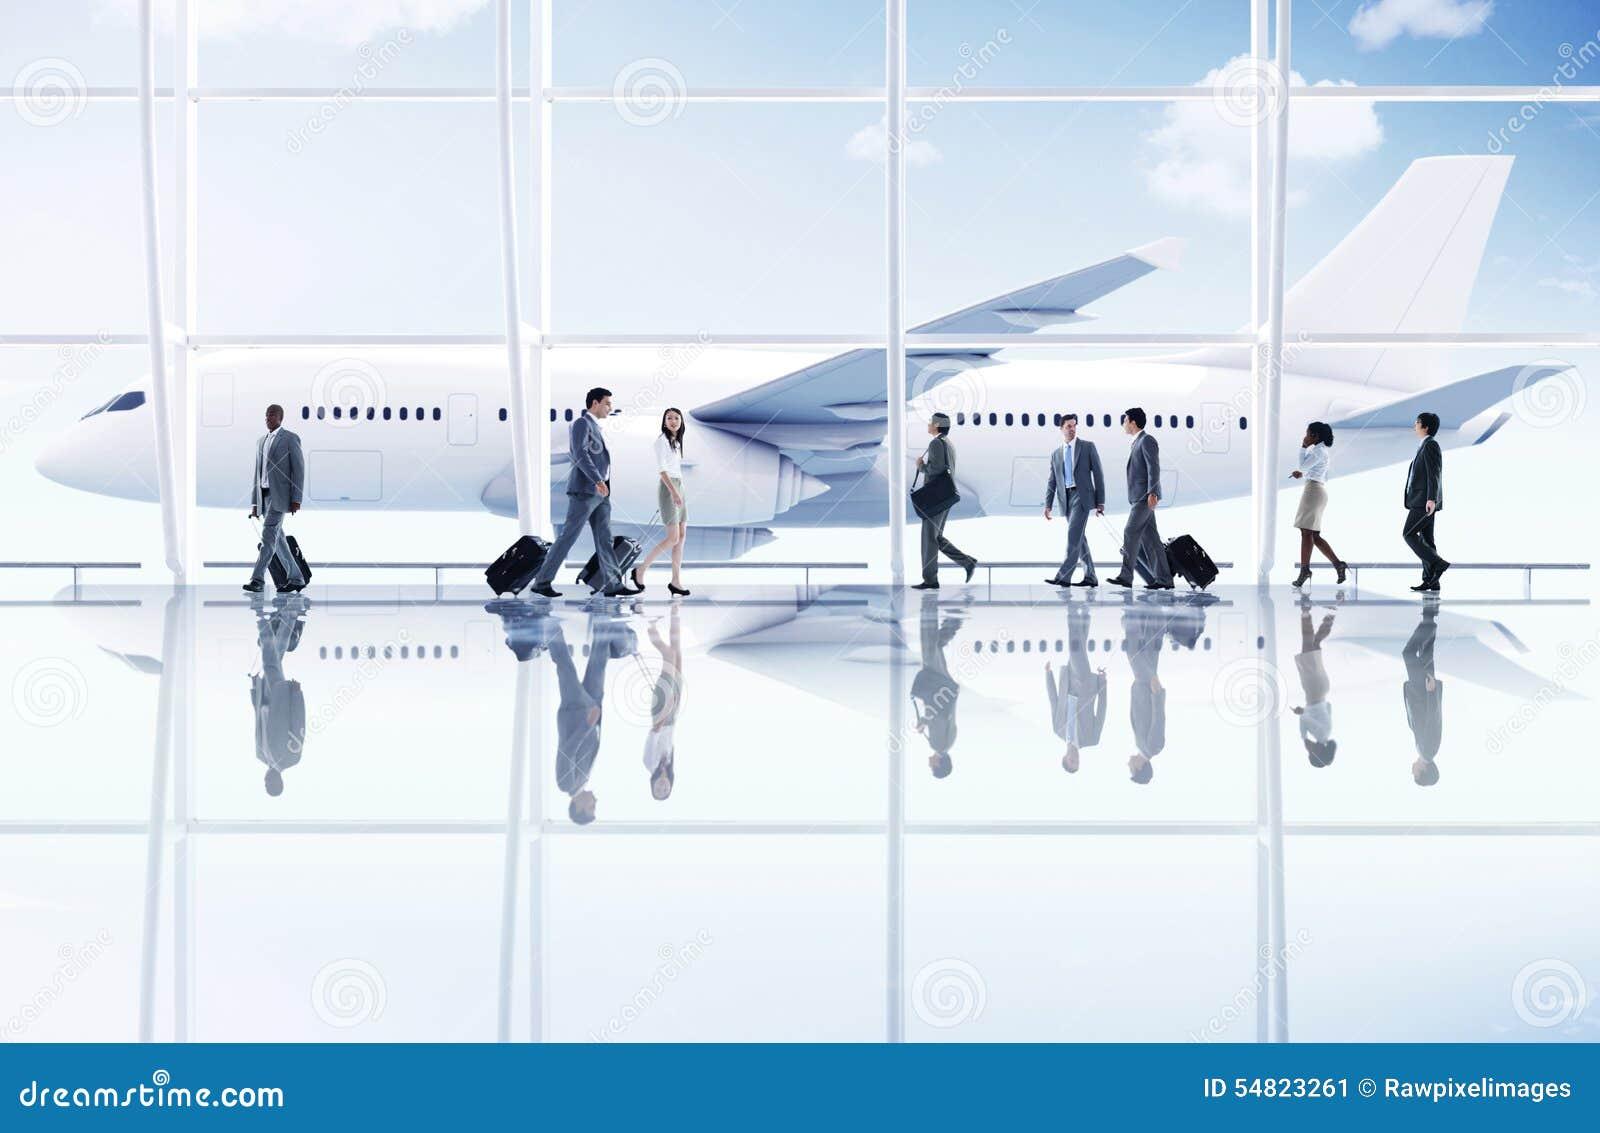 Flughafen-Reiseveranstalter-Reise-Transport-Flugzeug-Konzept